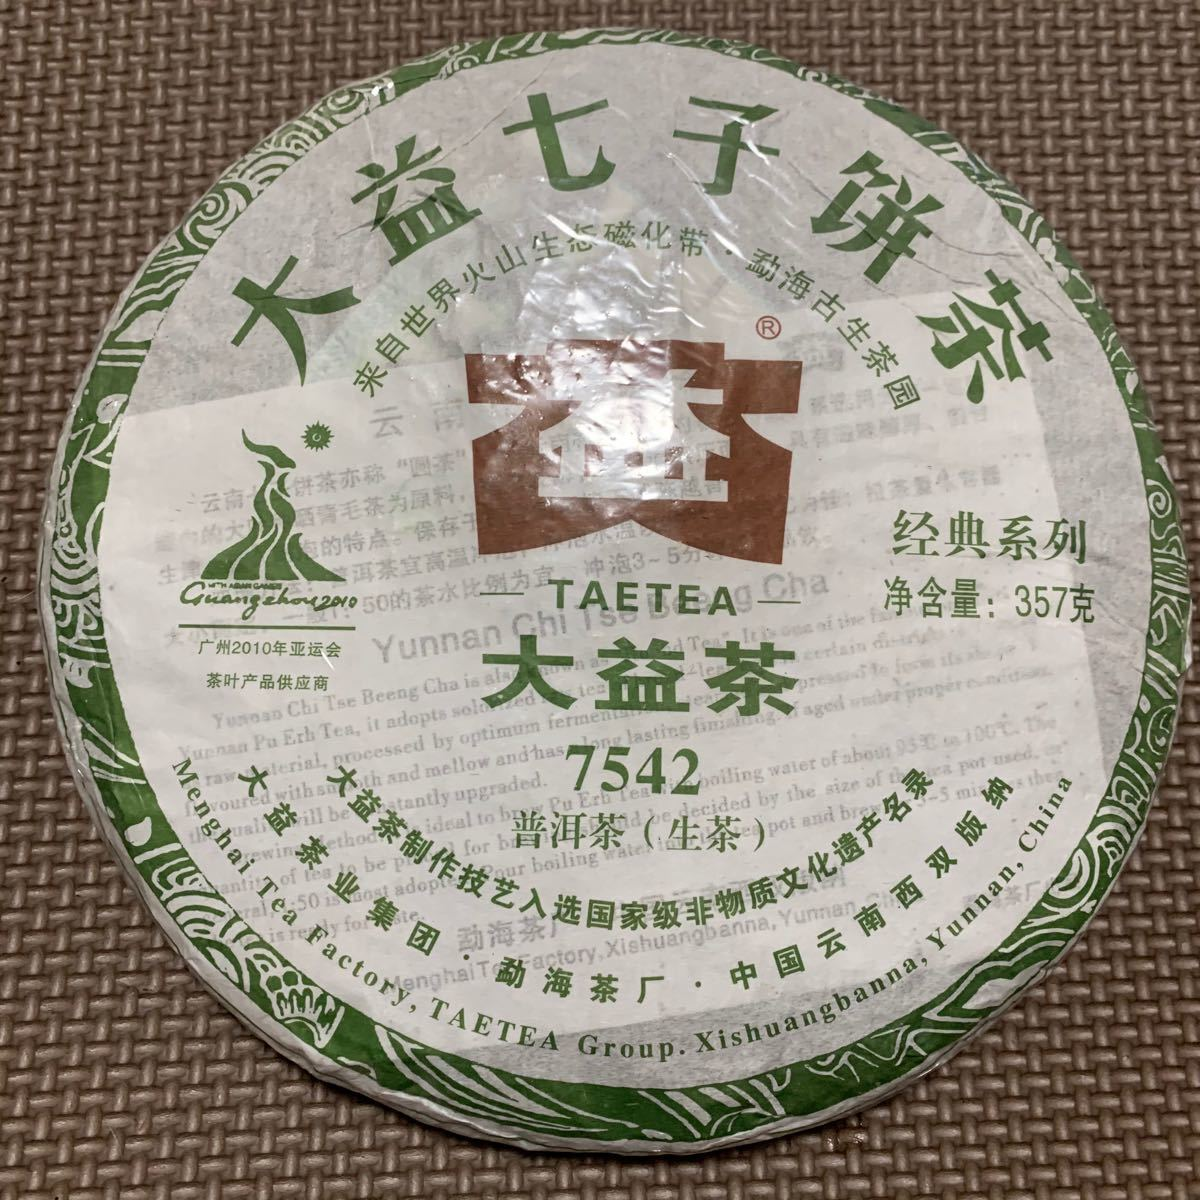 大益 生茶 2010年 プーアル茶